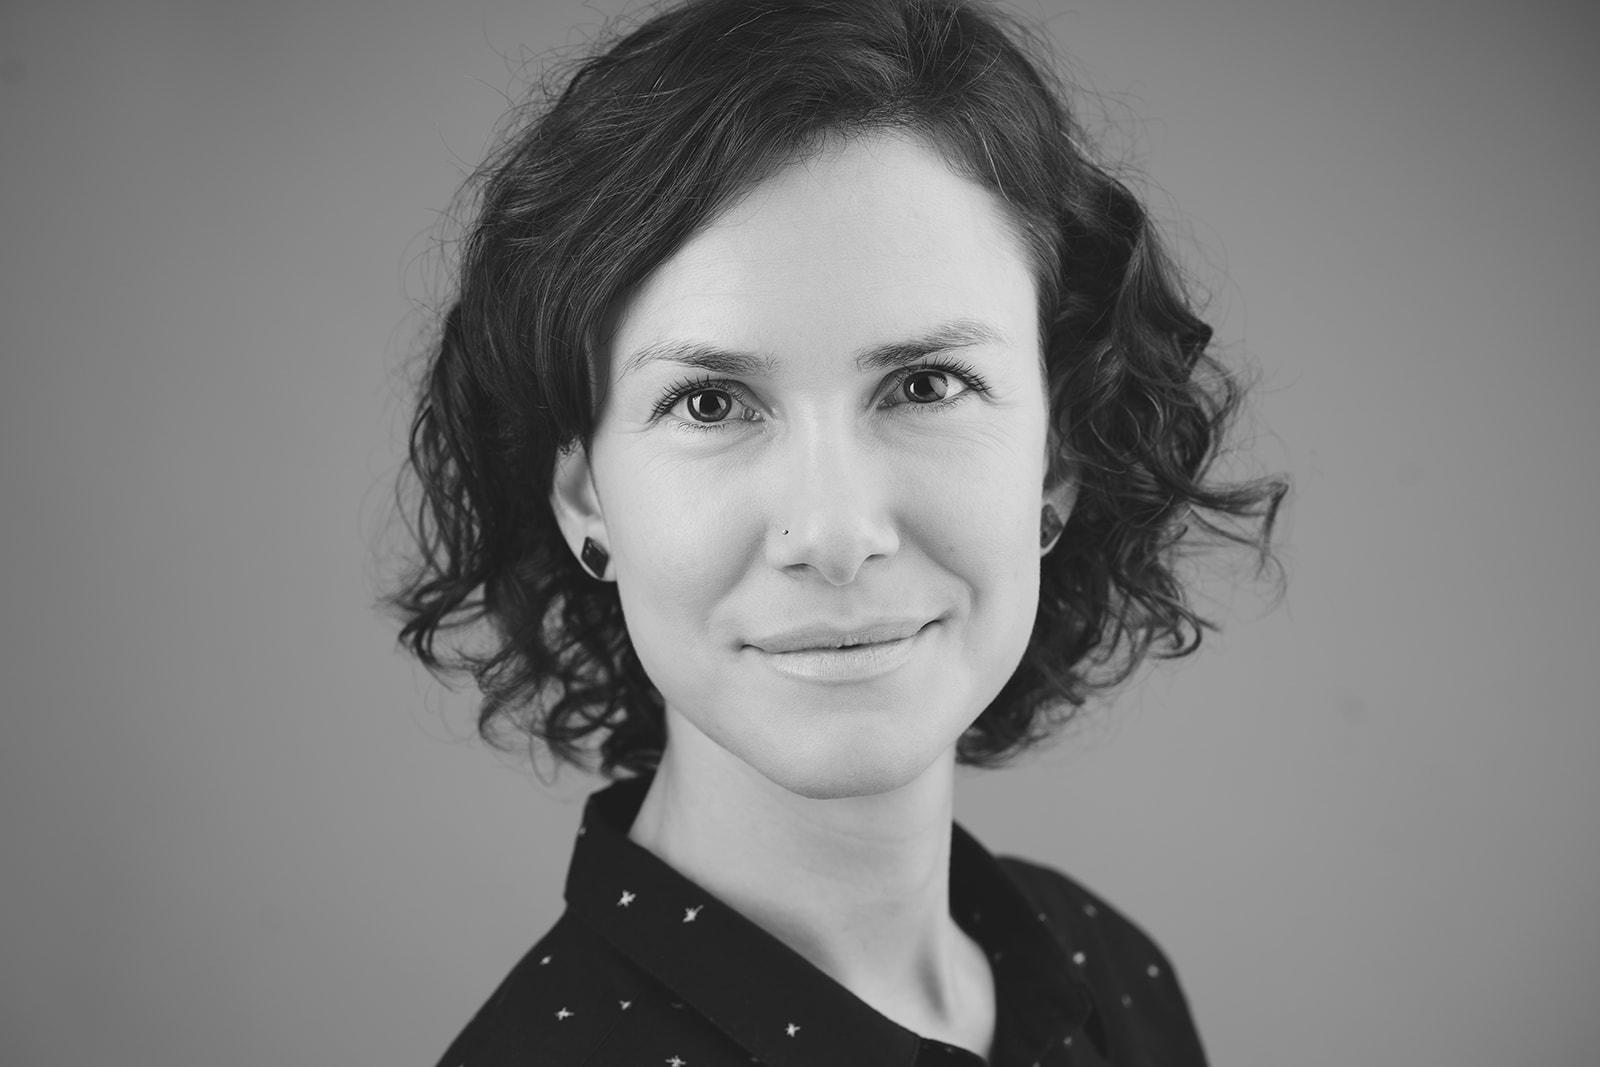 De 5 favoriete apps van Sarah Vangheluwe